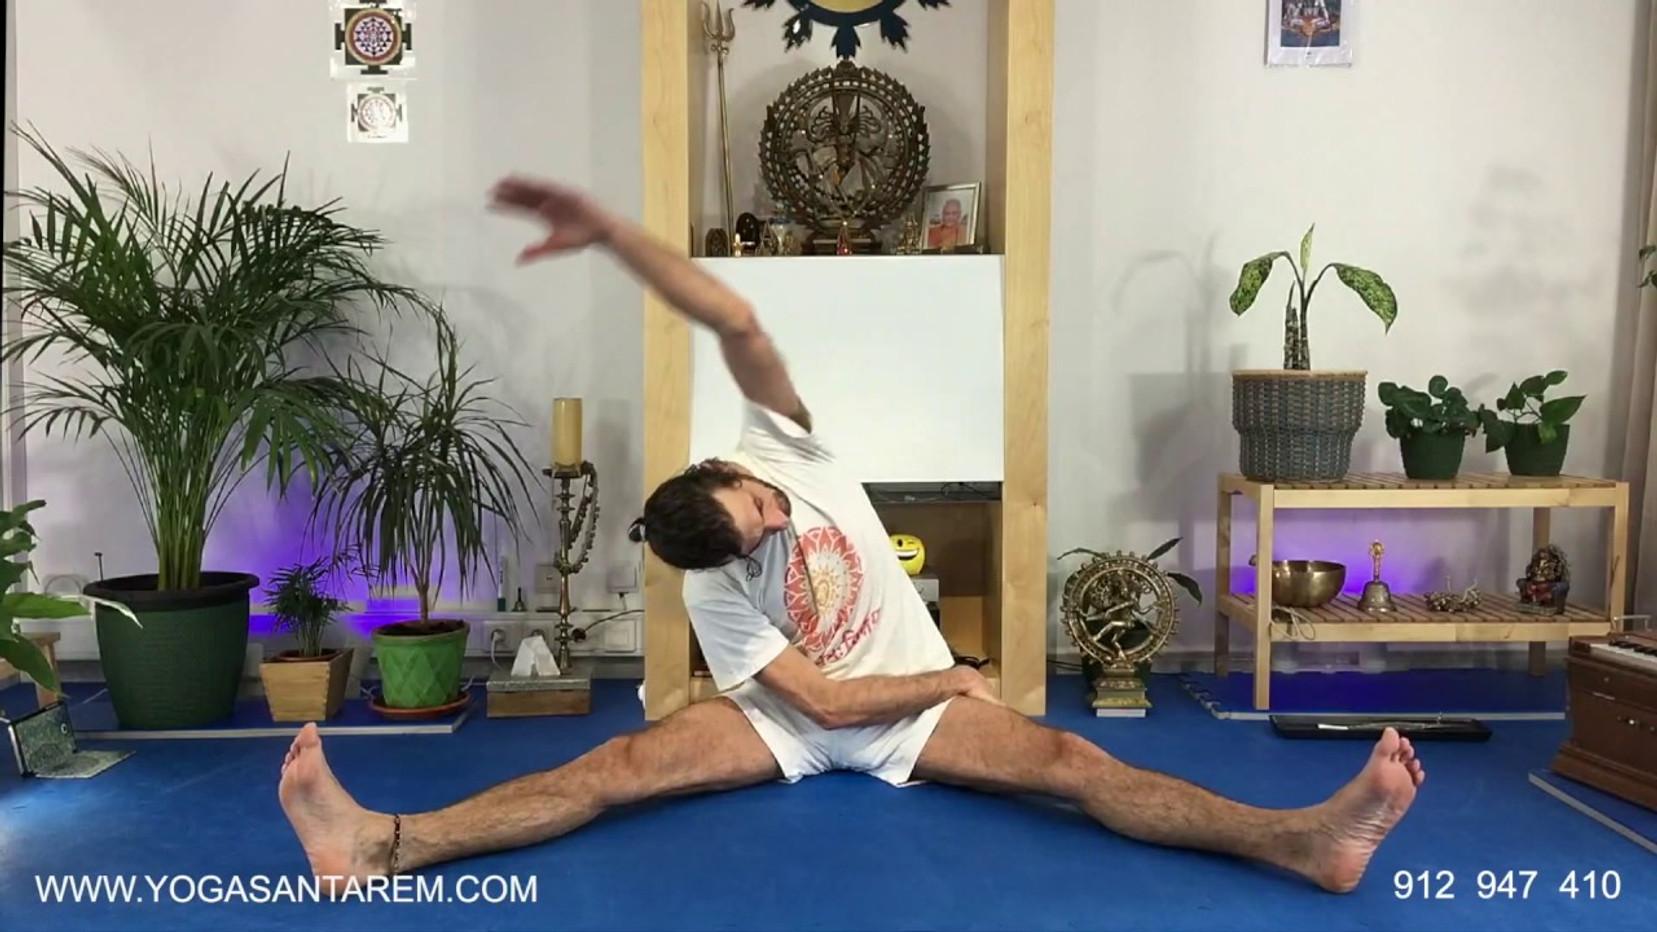 Aula de Yoga Nº17 - Prática final da tarde/noite